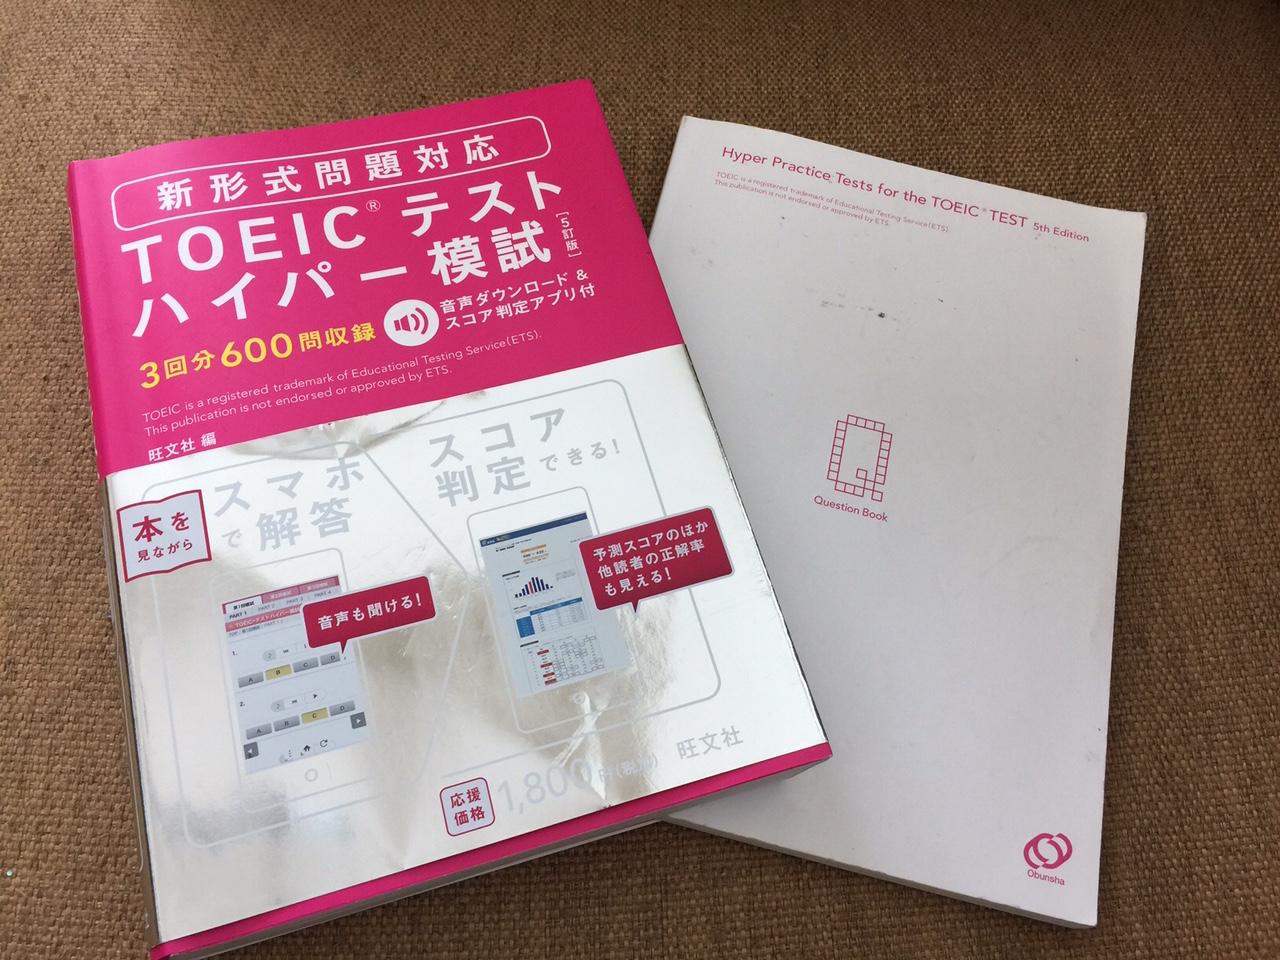 「新形式問題対応 TOEICハイパー模試」の感想・レビュー③